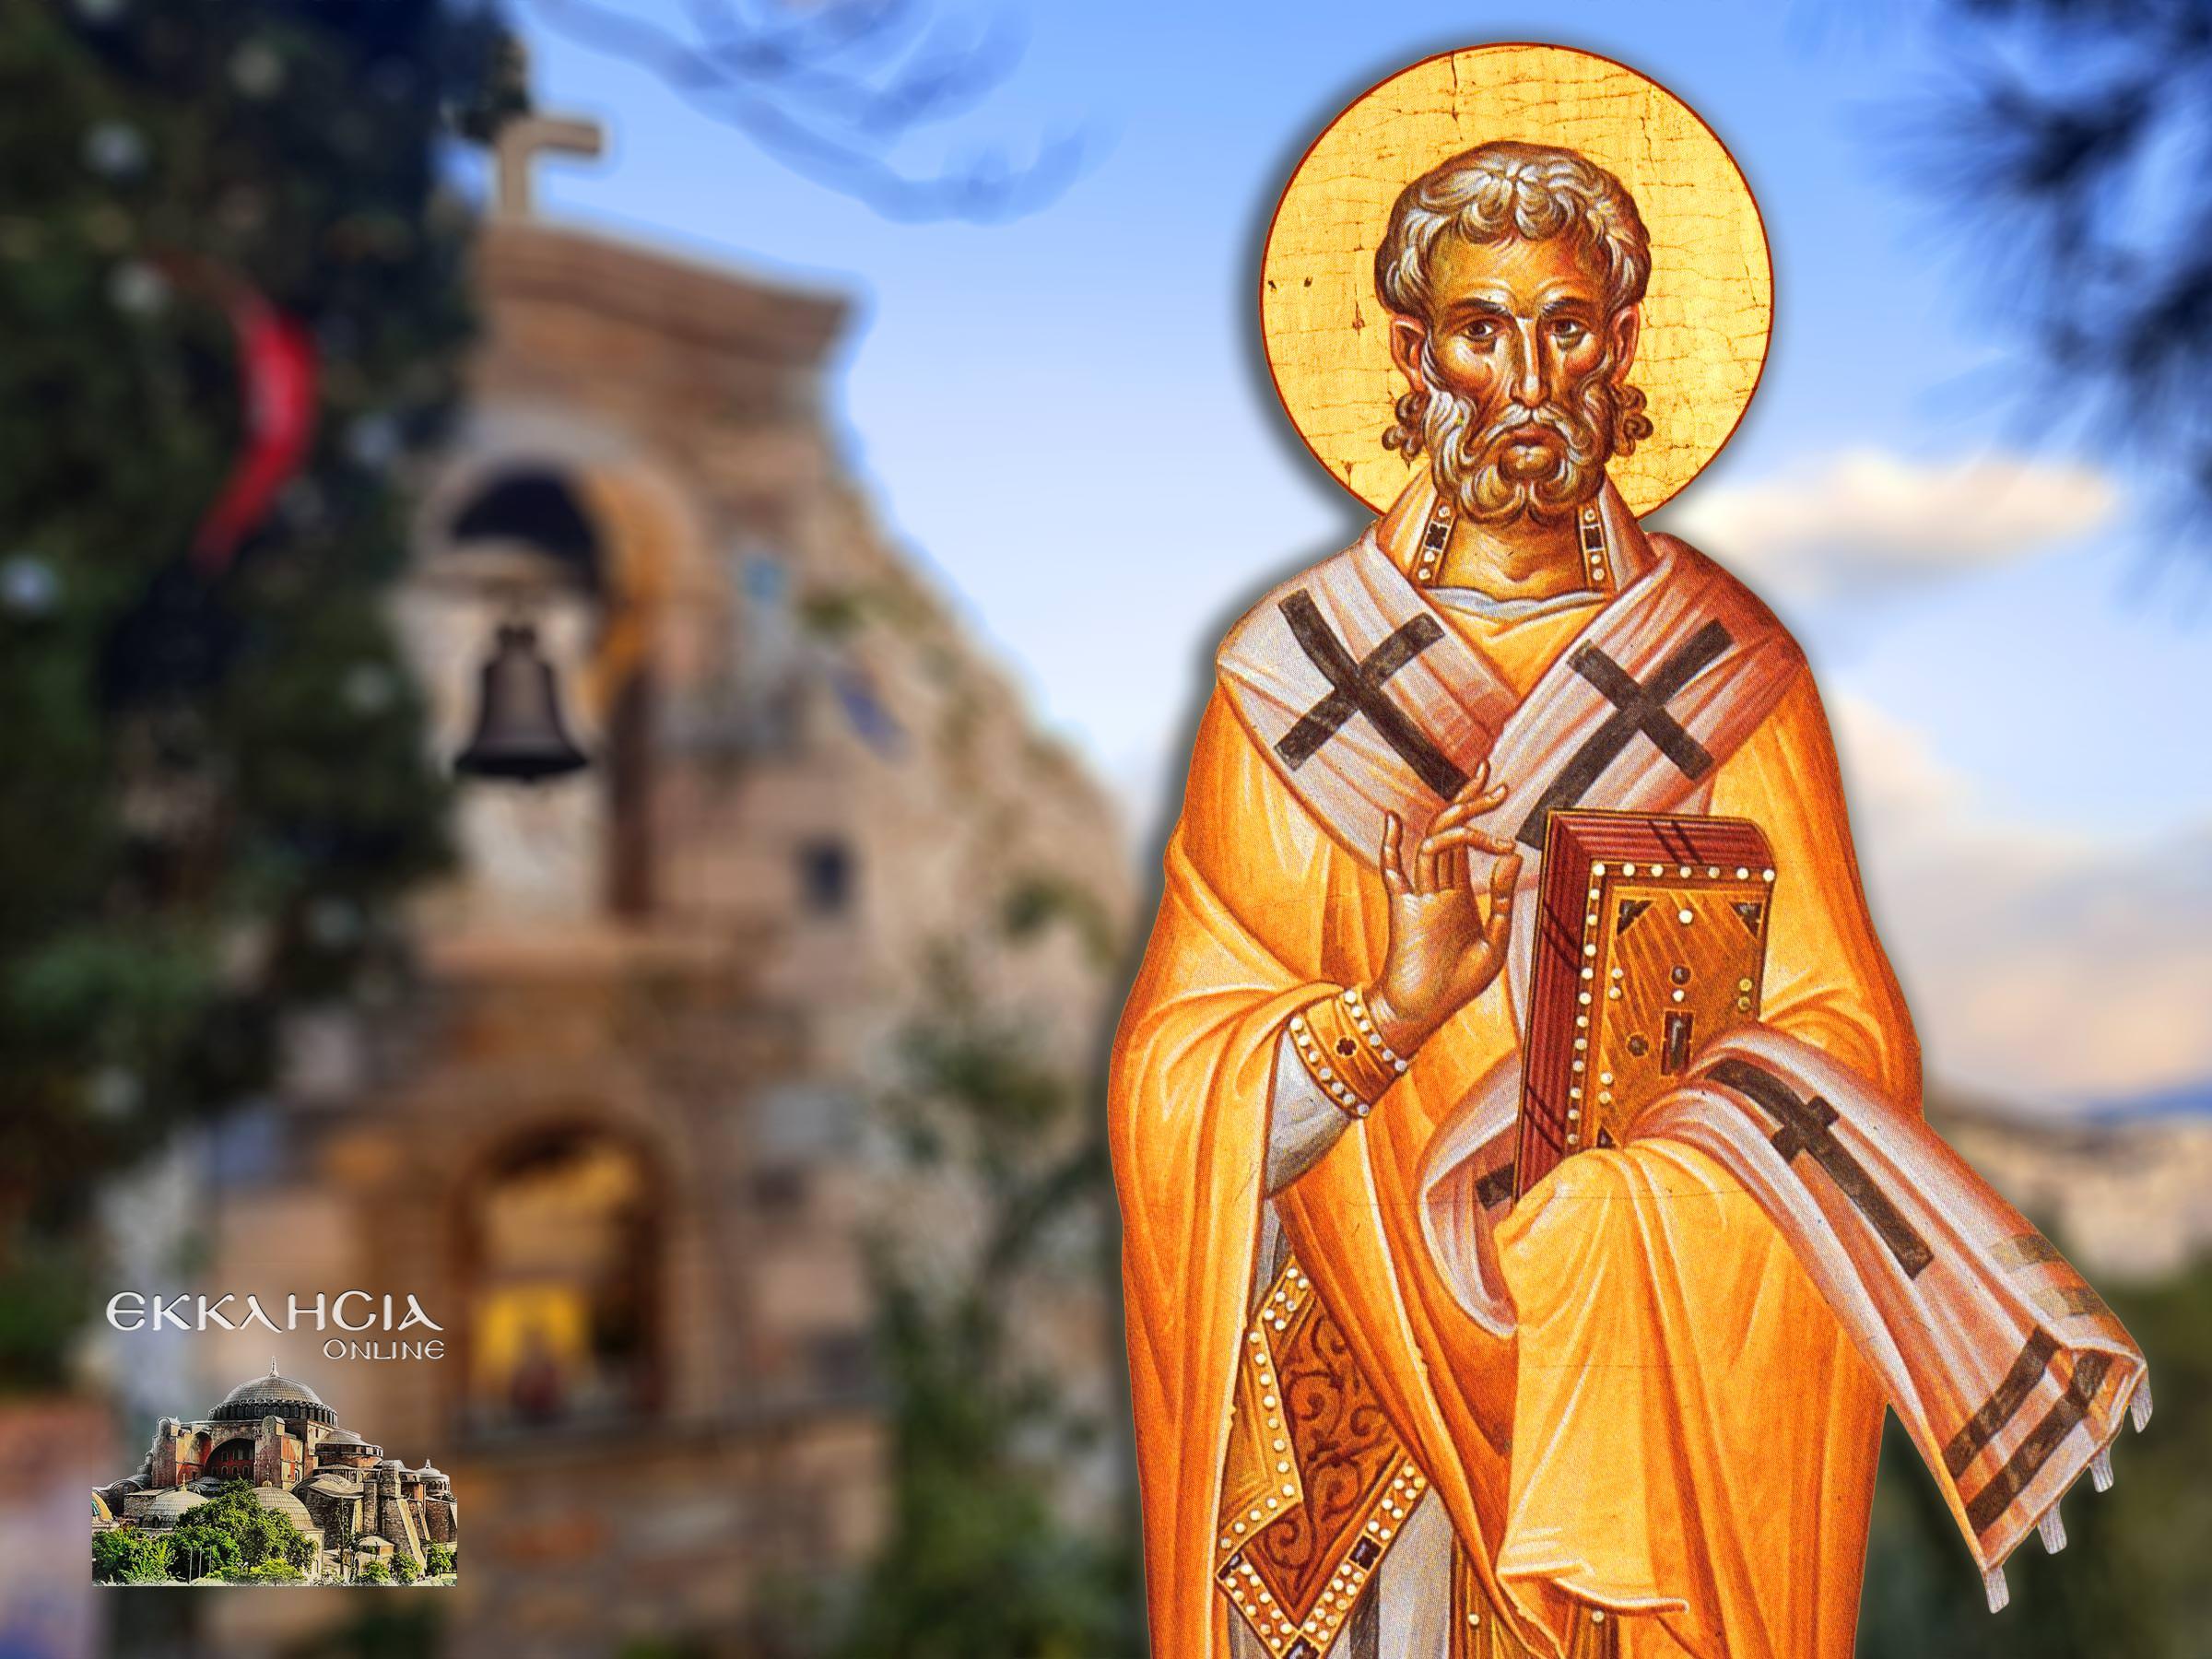 Άγιος Πολύκαρπος Λυκαβηττός 23 Φεβρουαρίου